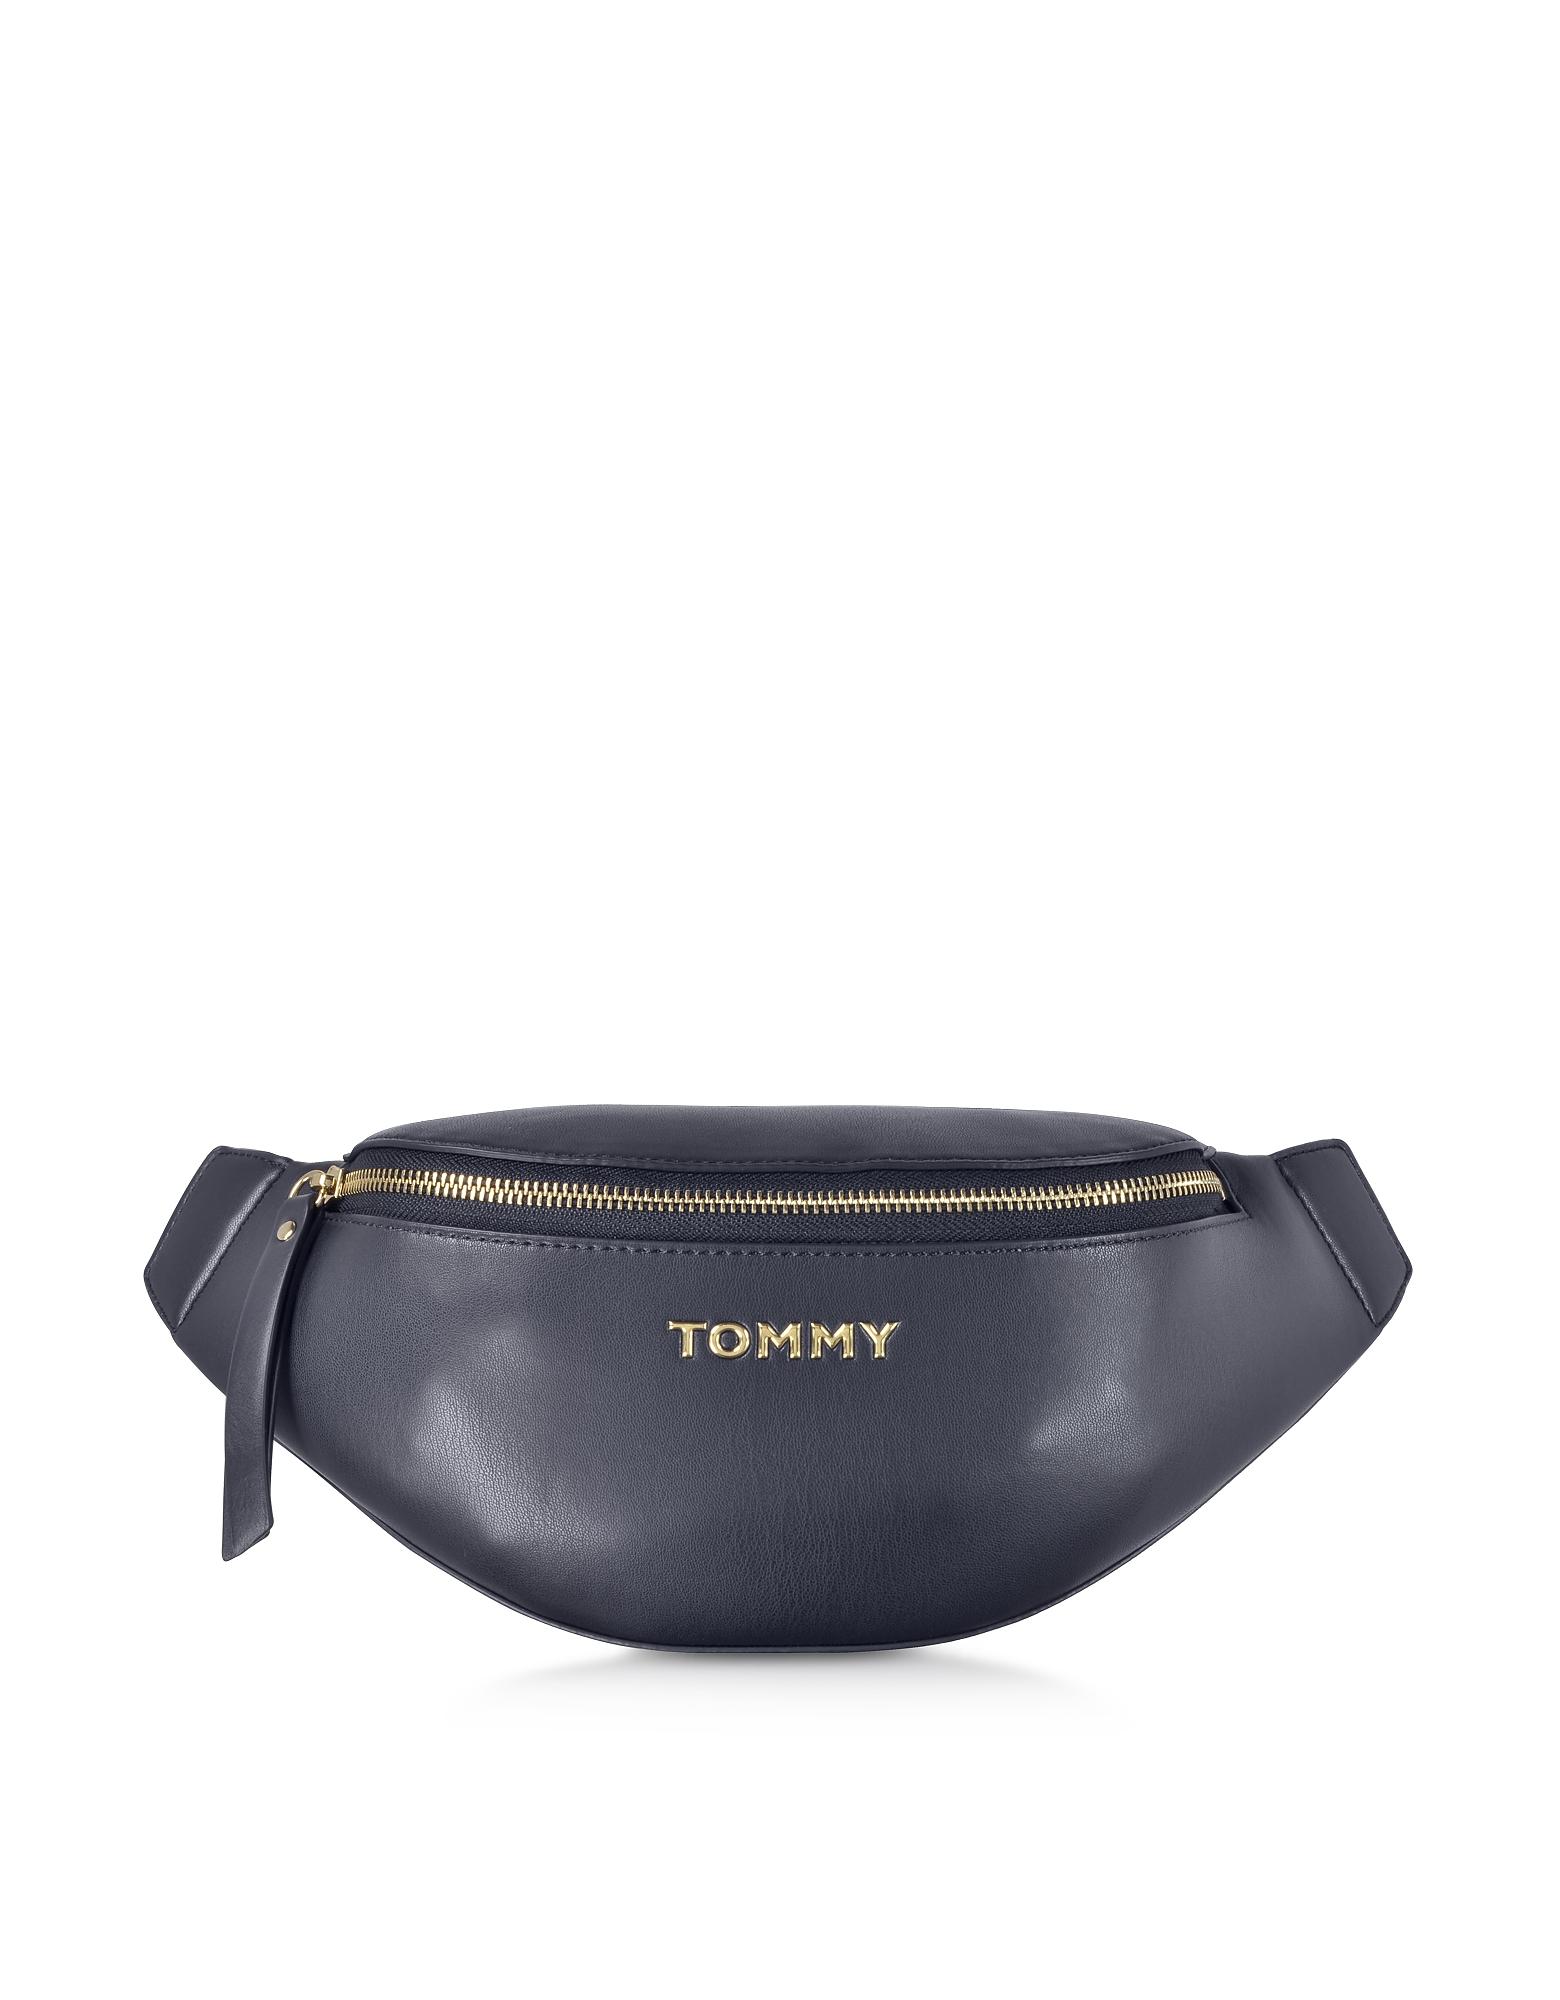 Iconic Tommy Belt Bag